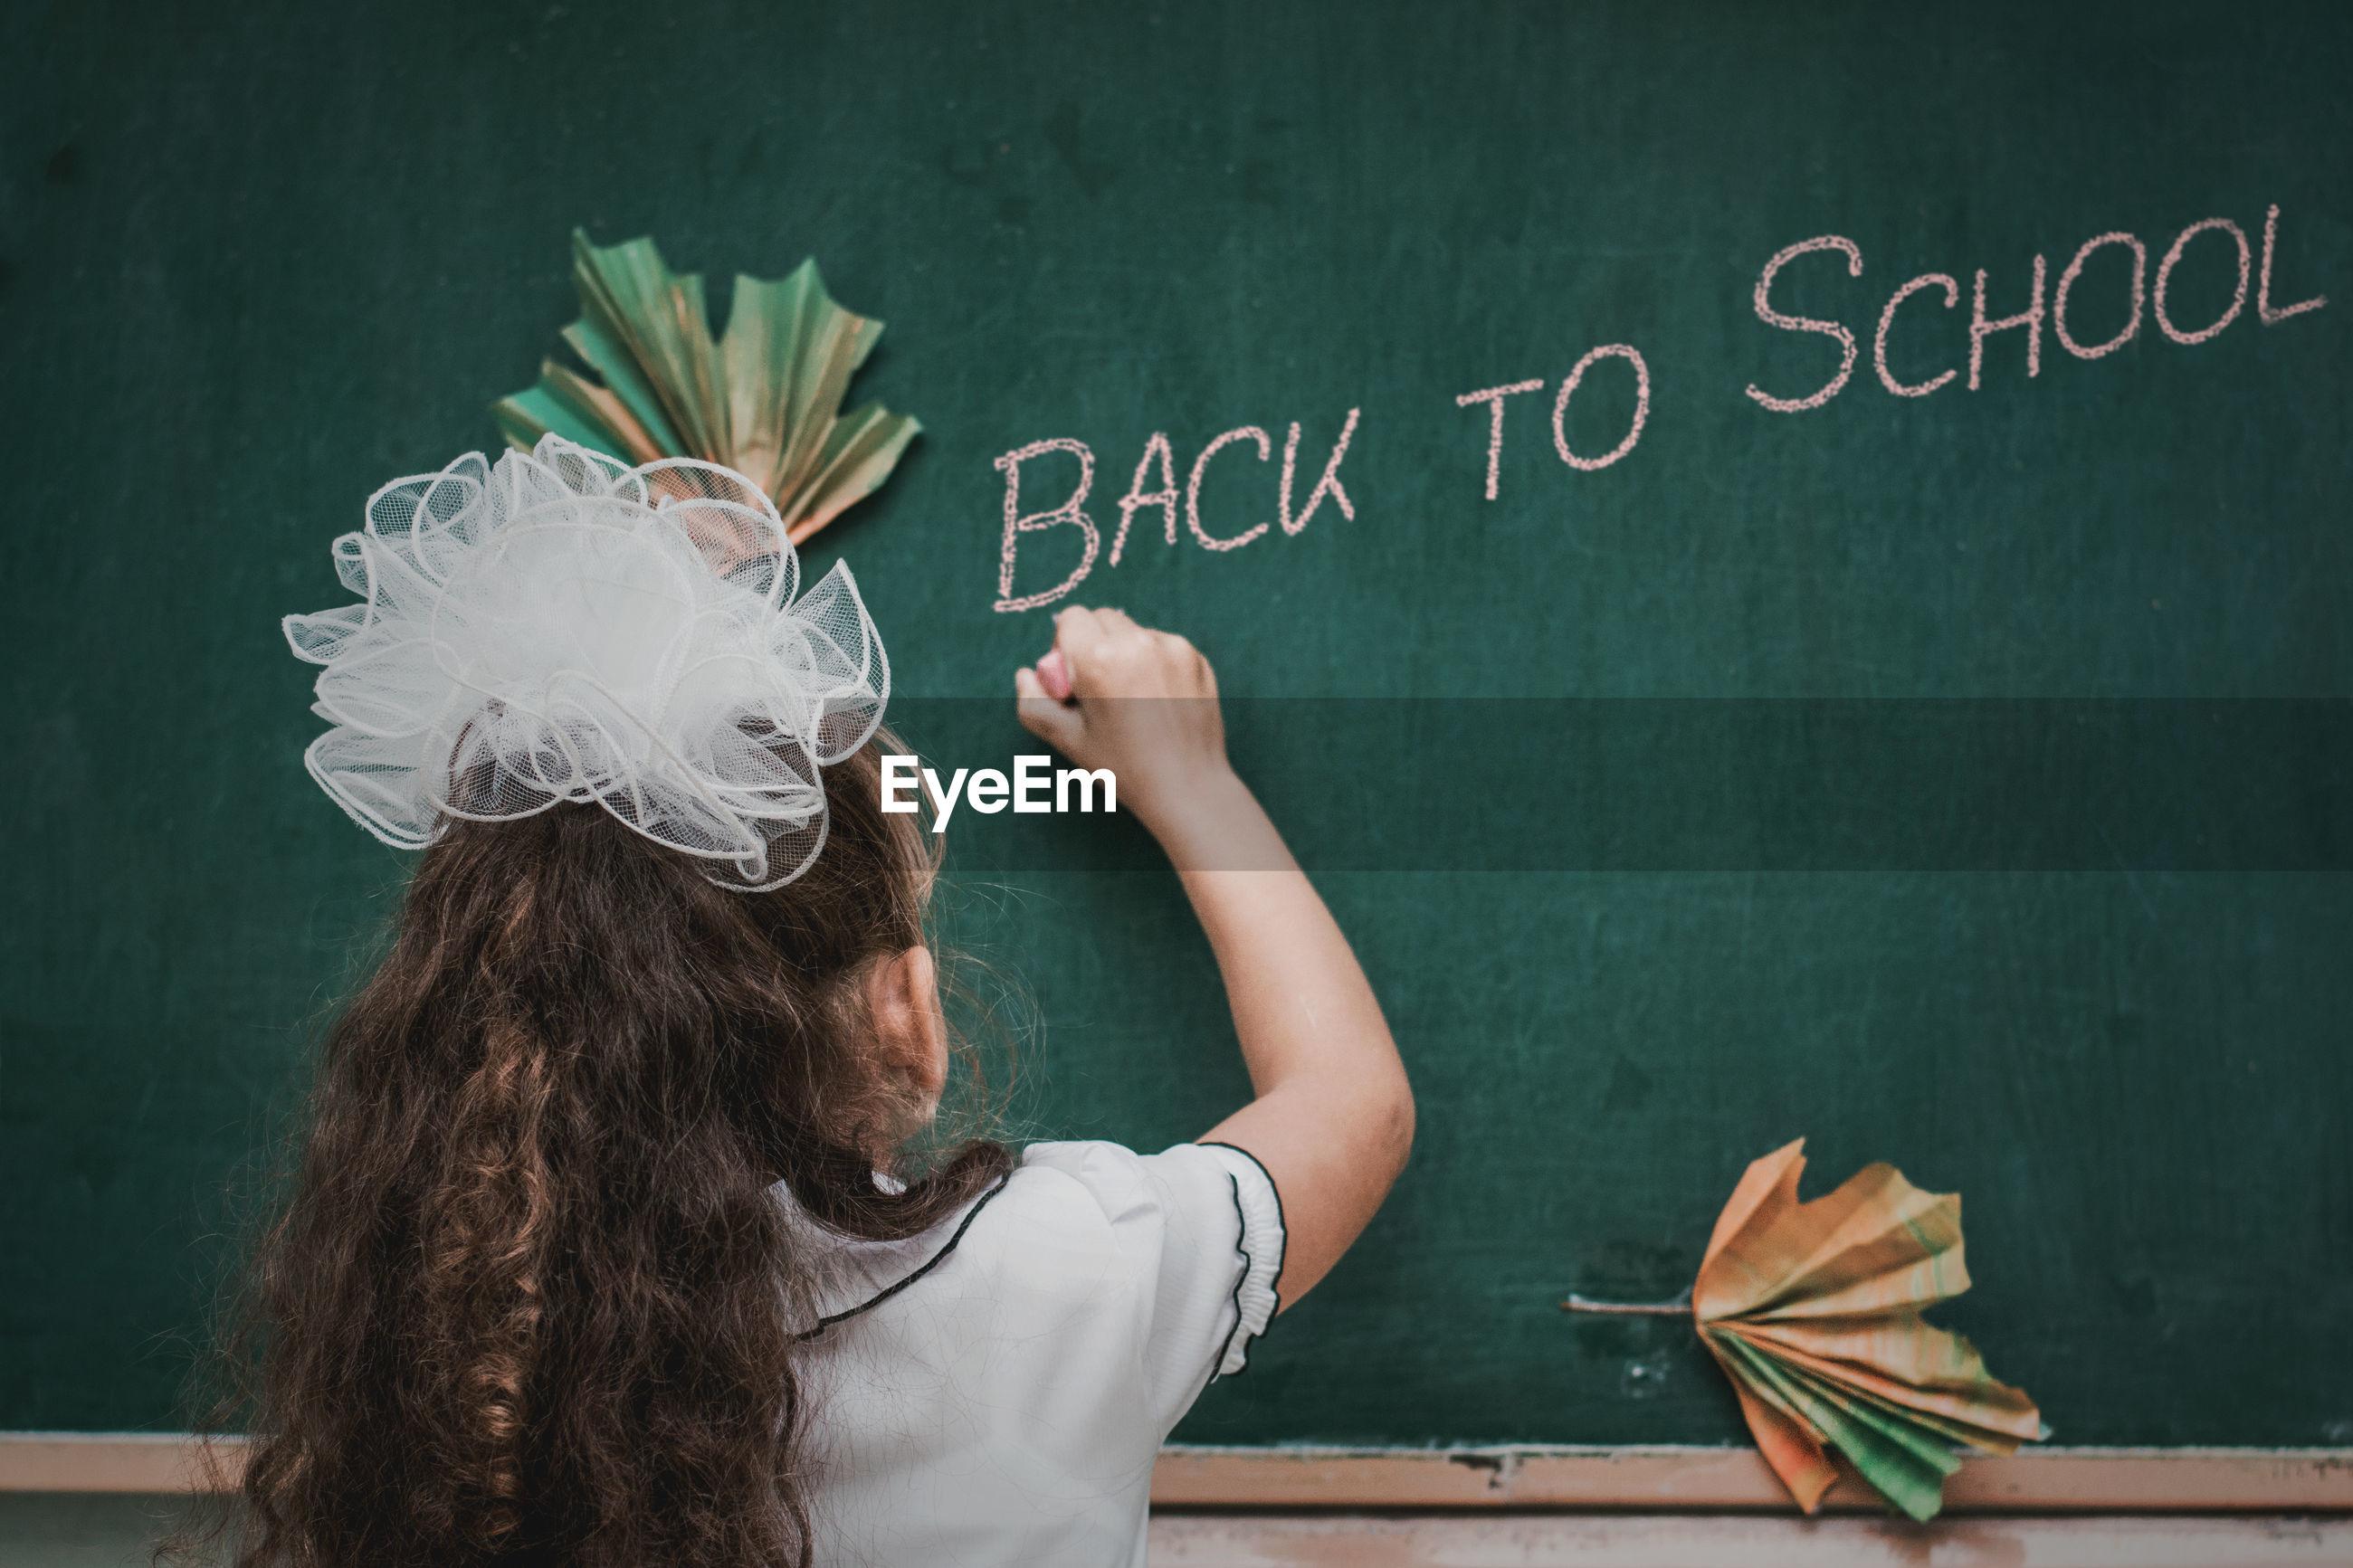 Rear view of girl writing on blackboard in school